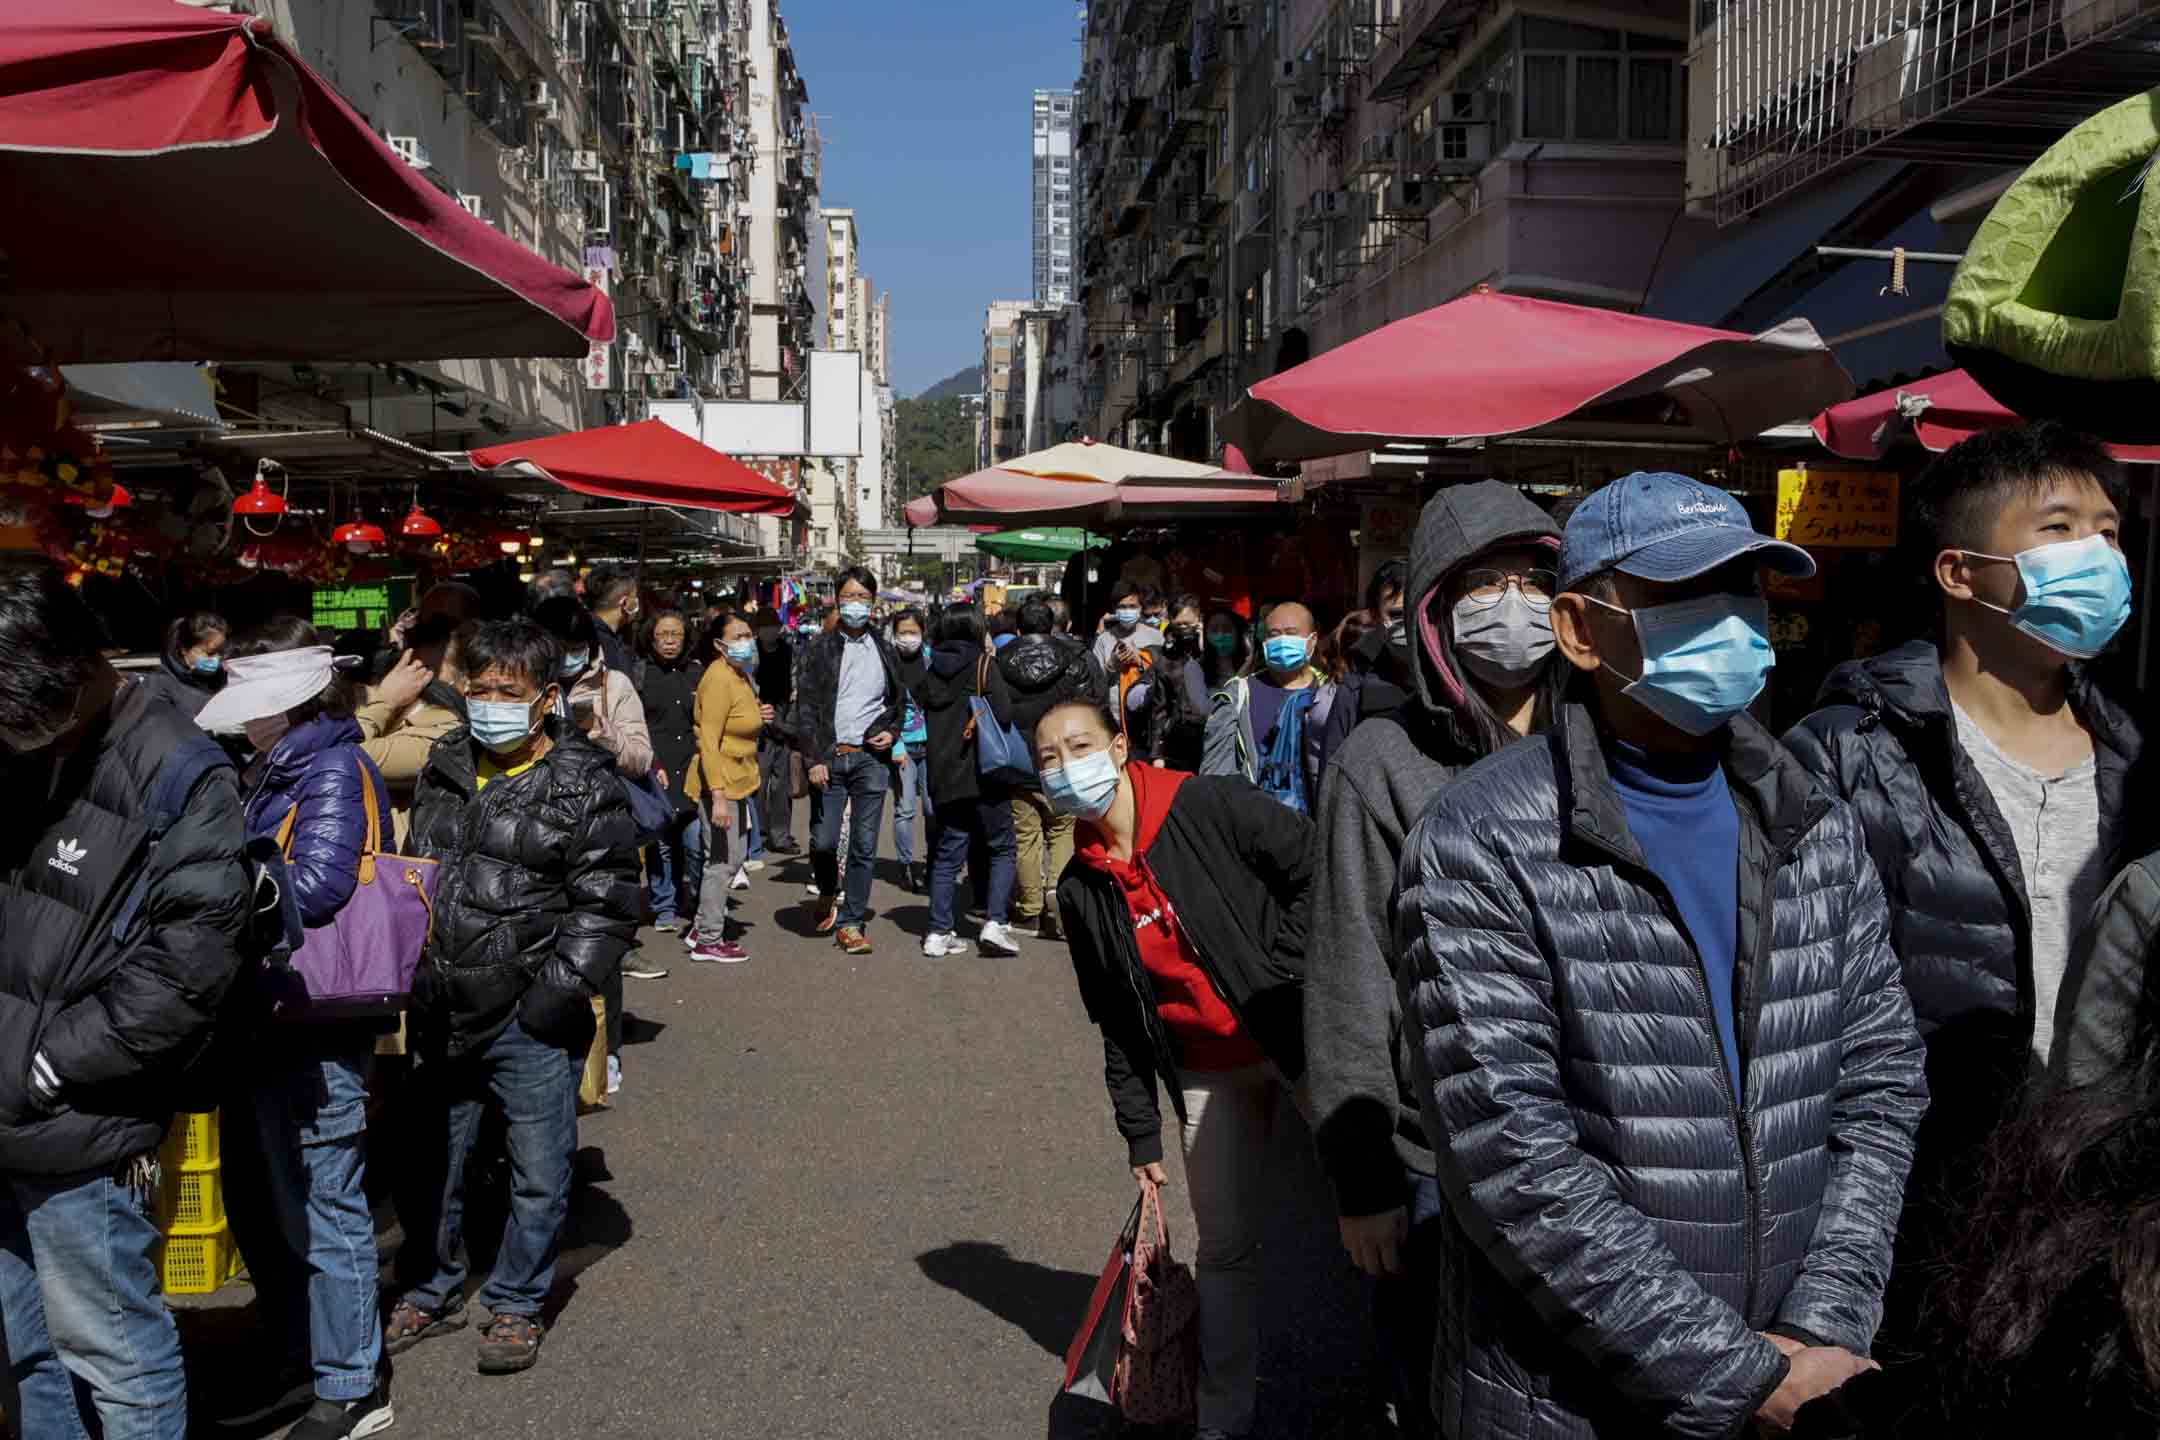 2020年1月30日,卓悅中午十二時有約2000盒日本口罩送達4間分店,每人限買一盒,其中旺角店有大量市民聞訊趕到排隊認購。 攝:林振東/端傳媒